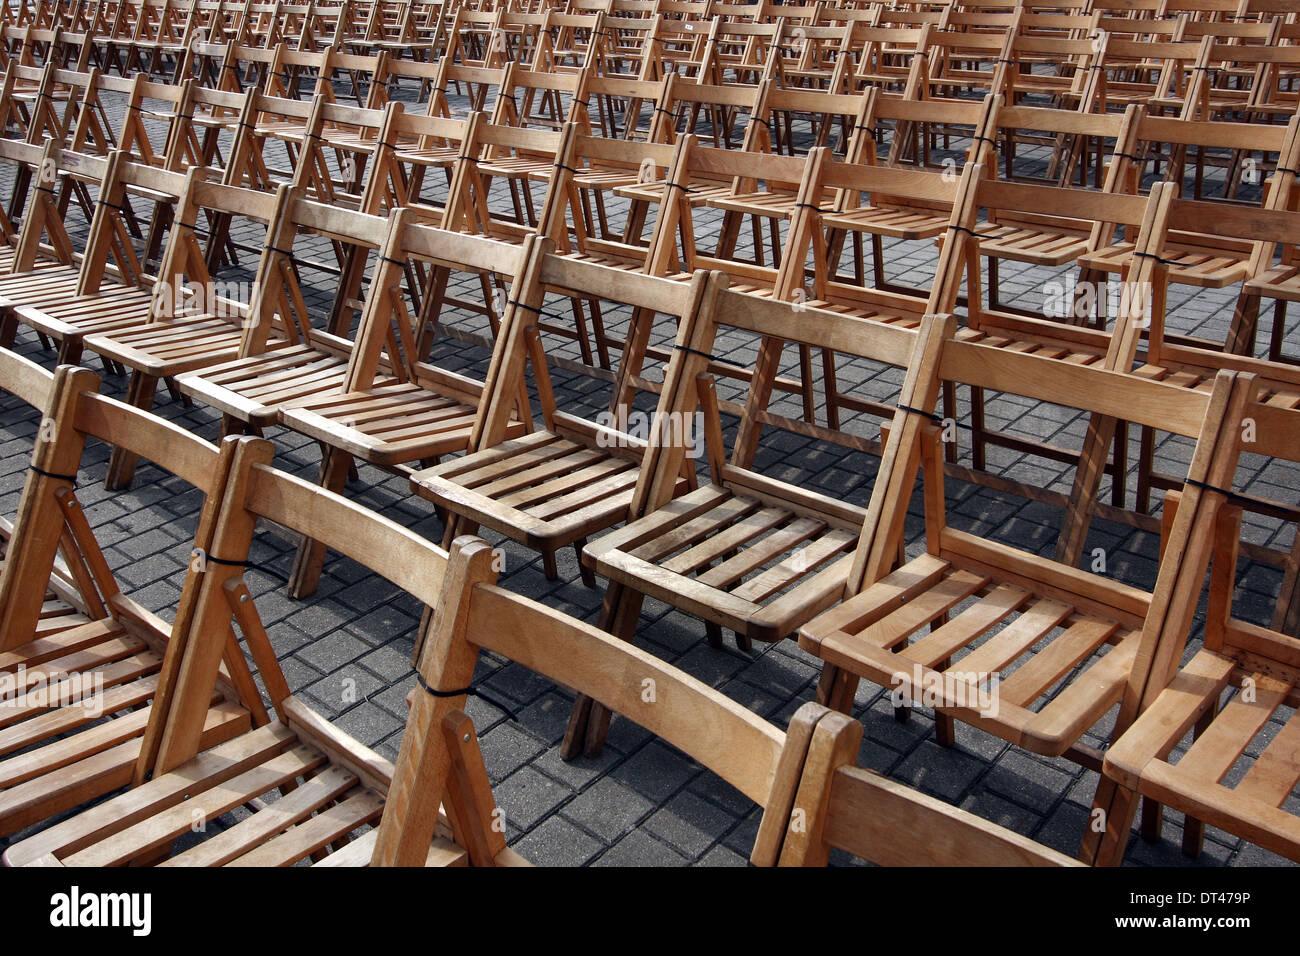 Sedie di legno pronto per il pubblico prima di una mostra Immagini Stock